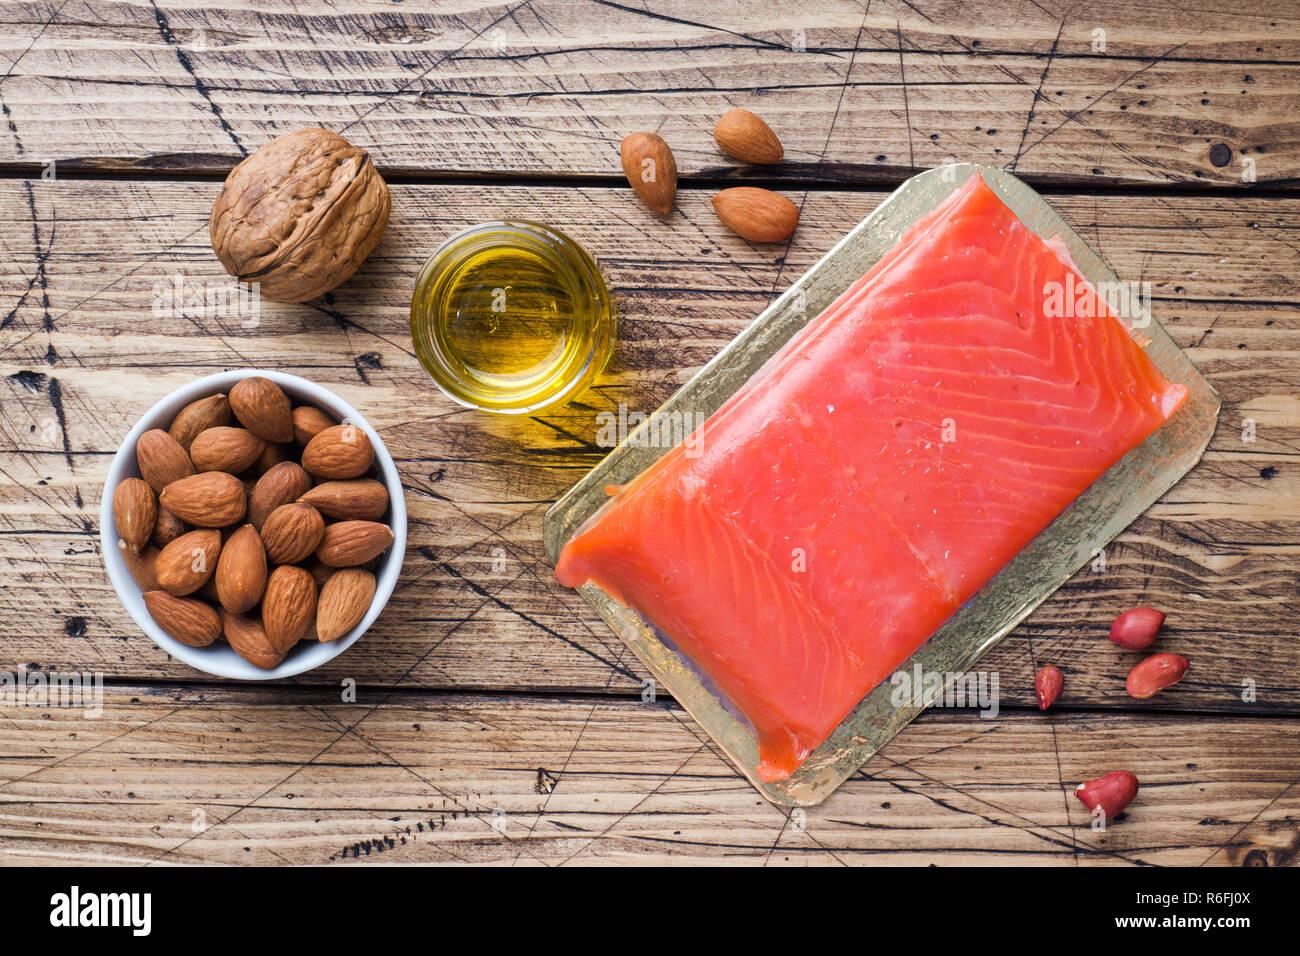 Concepto de alimentos saludables productos antioxidantes: pescado nueces y aceite sobre fondo de madera Imagen De Stock